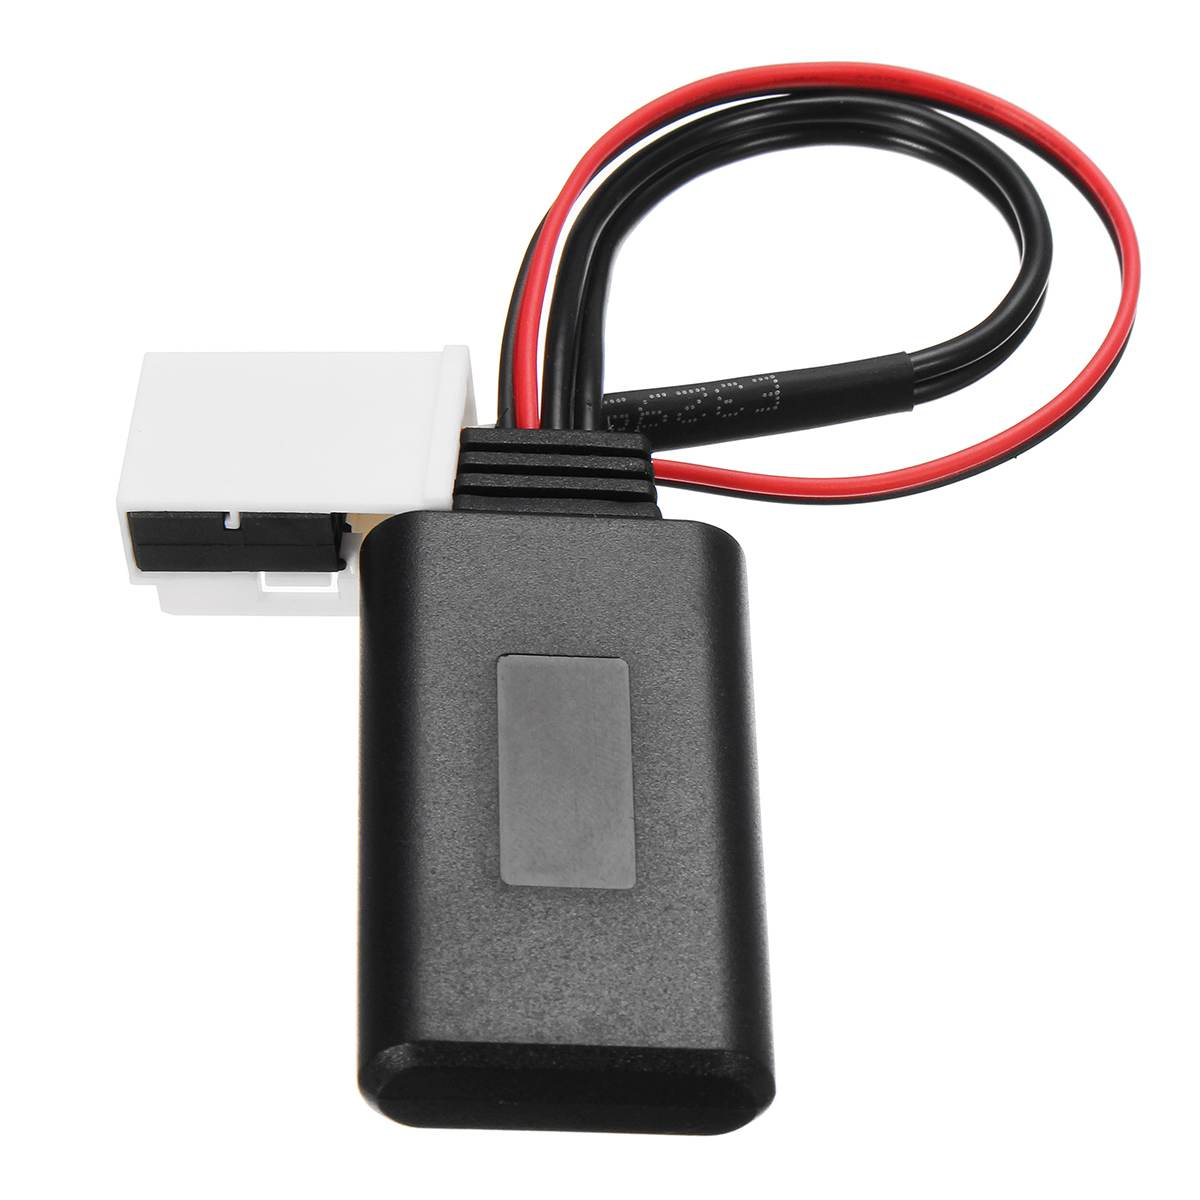 Аудиокабель-адаптер для VW MCD RNS 510 RCD 200 210 310 500 Delta 6 bluetooth автомобильные электронные аксессуары